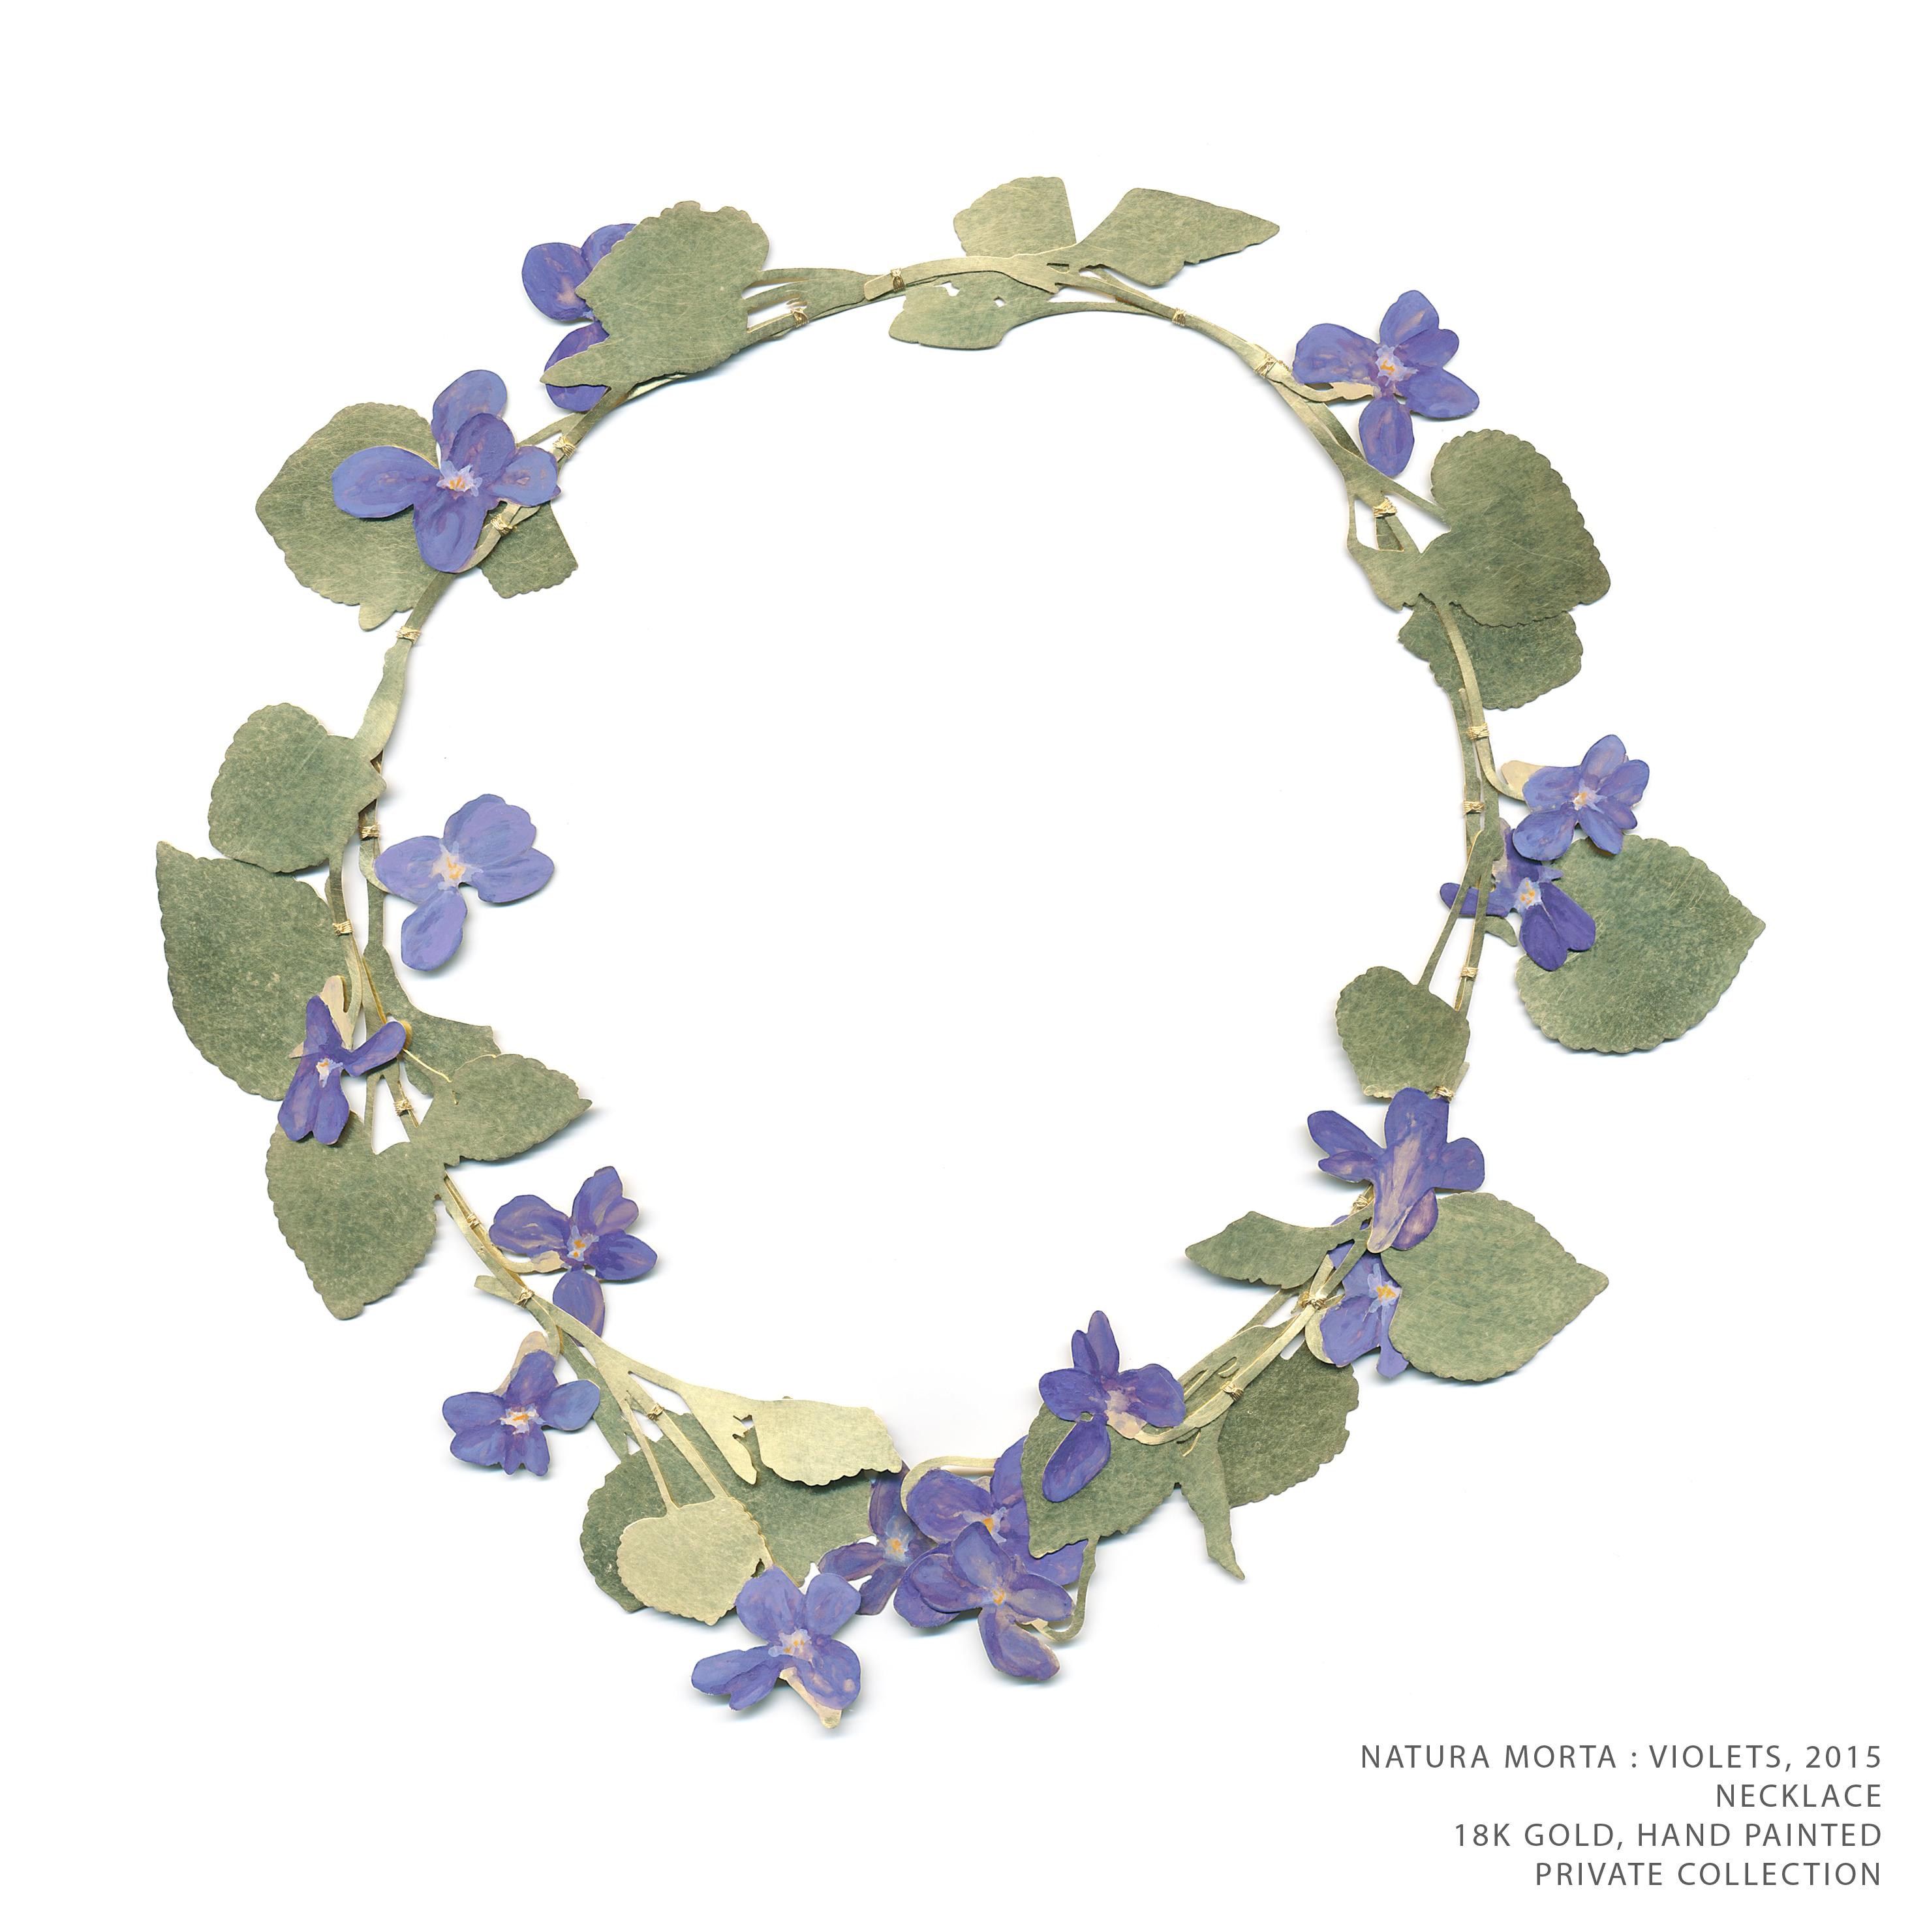 Natura Morta Violets TEXT